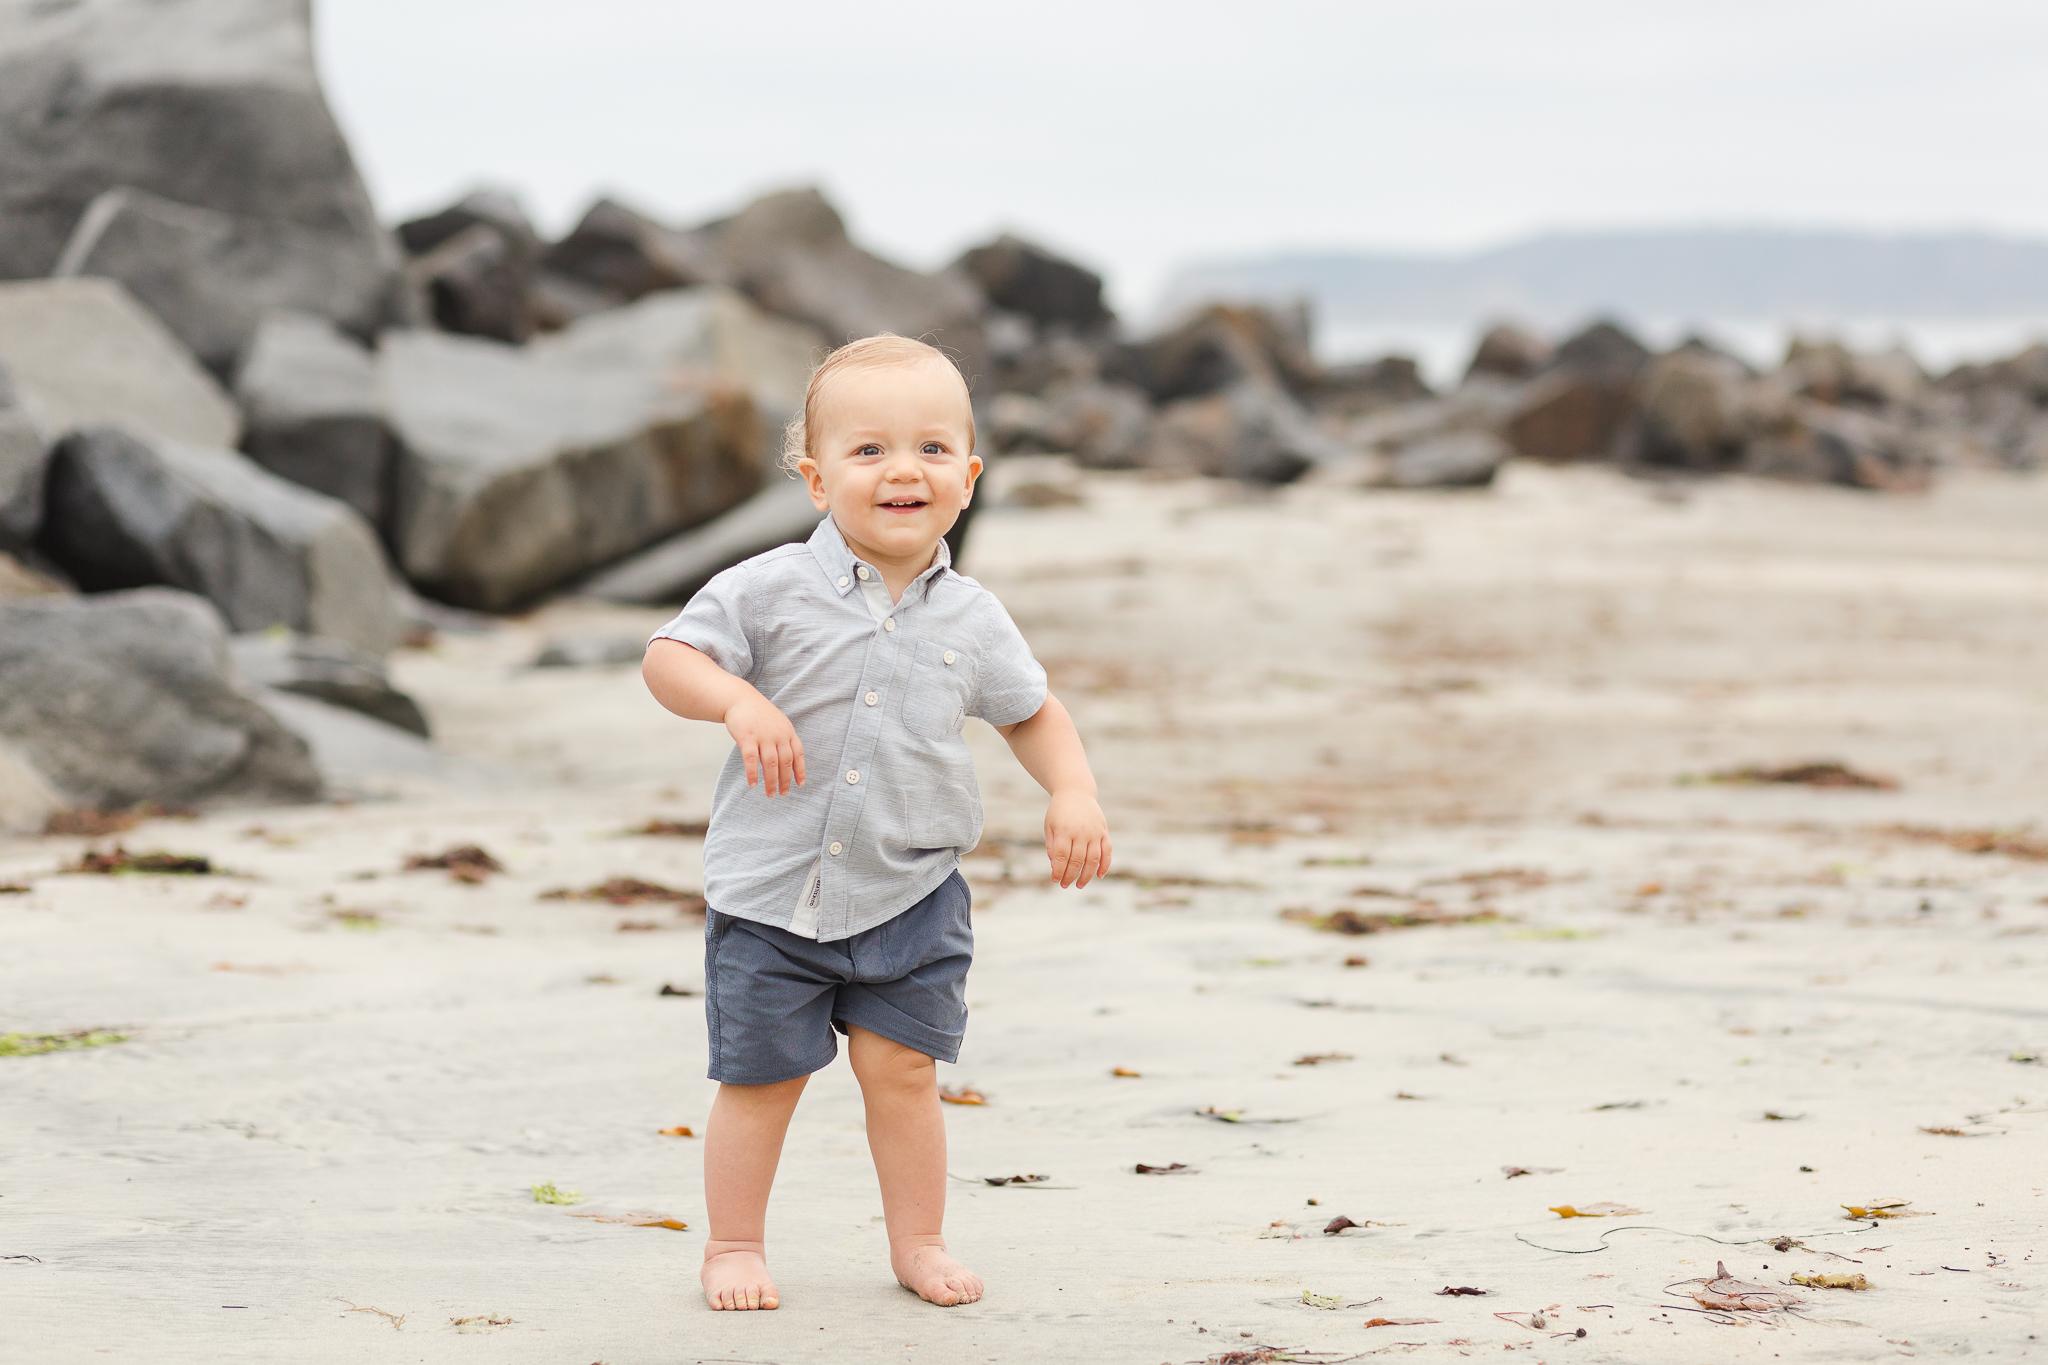 Coronado-Family-Photographer-Vacation-Photos-WS-6.jpg